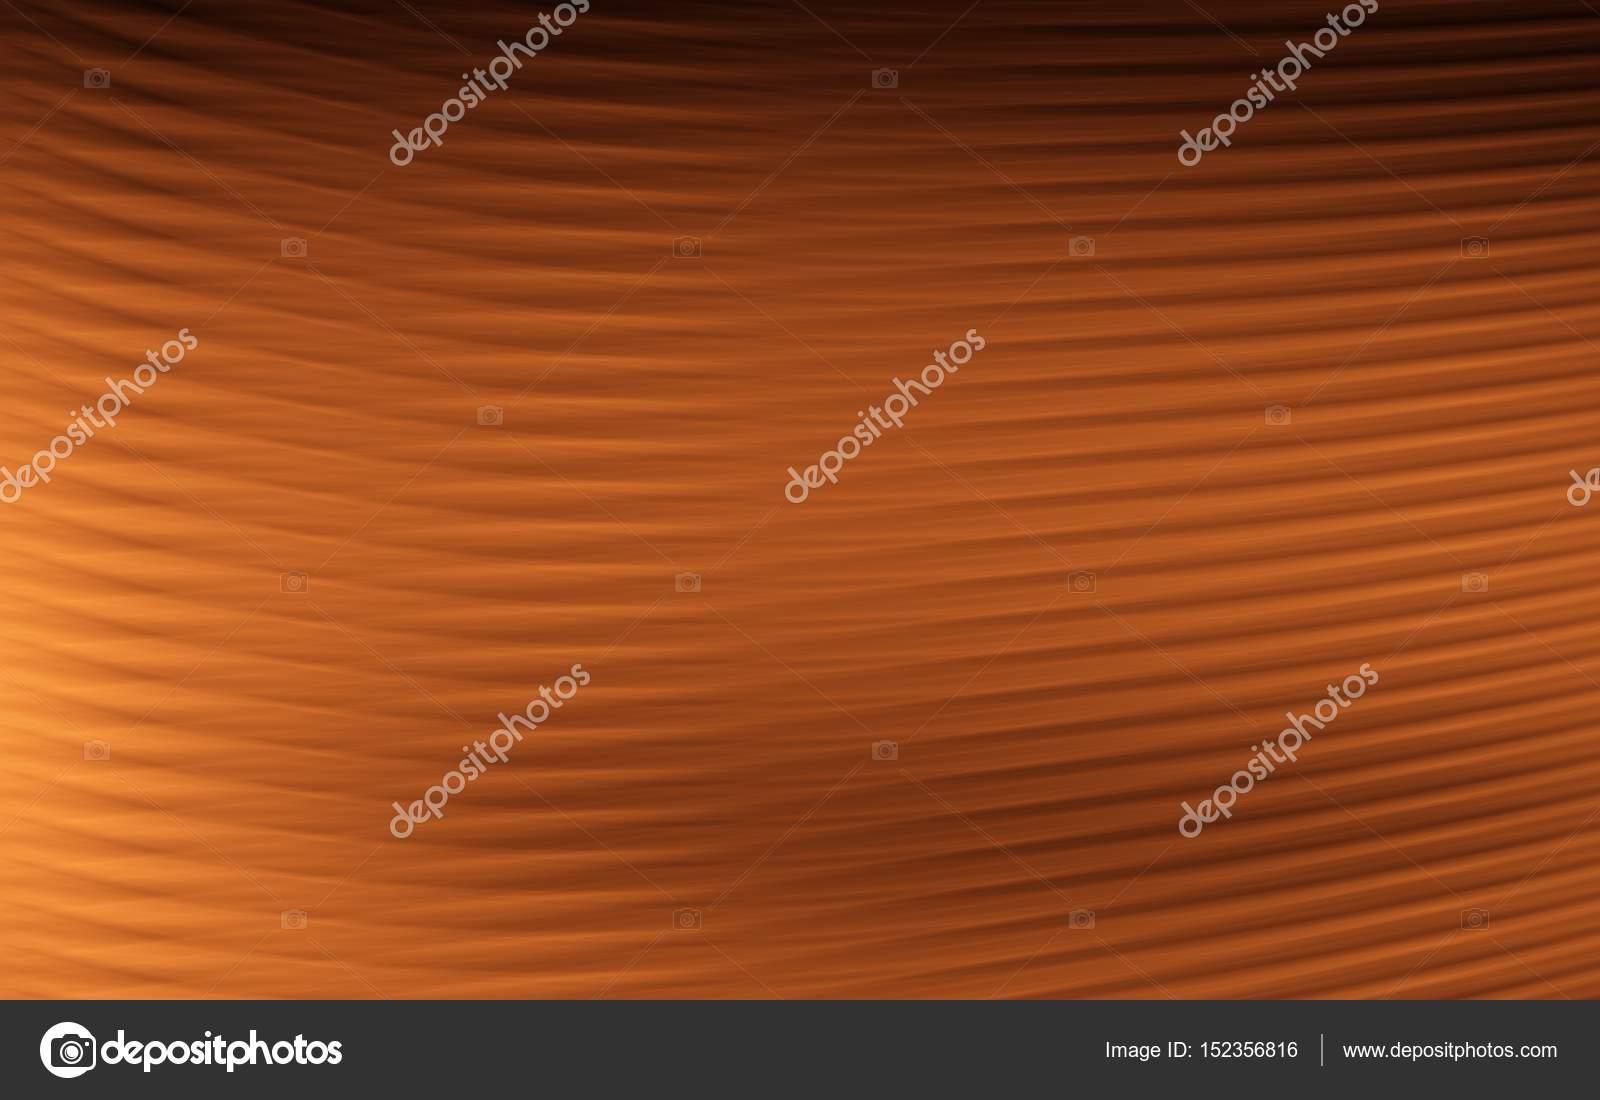 papier peint texture lisse dor photographie riariu 152356816. Black Bedroom Furniture Sets. Home Design Ideas